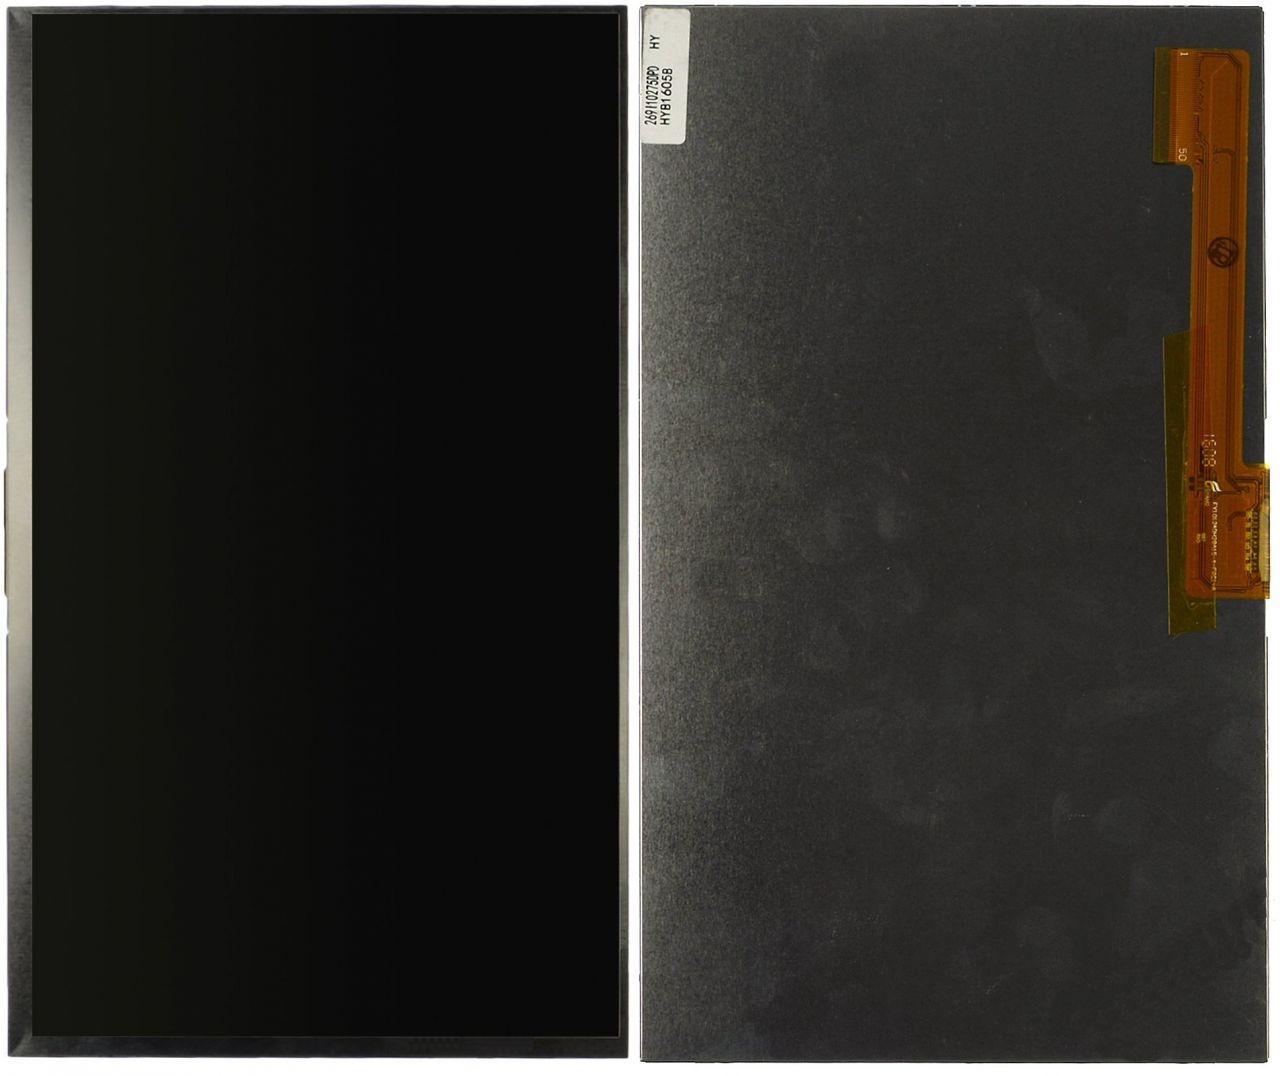 Дисплей для планшета Jeka JK-101, Bravis NB102 (233x136, 50pin, #FPC10155L, XYX-101H23) (copy)